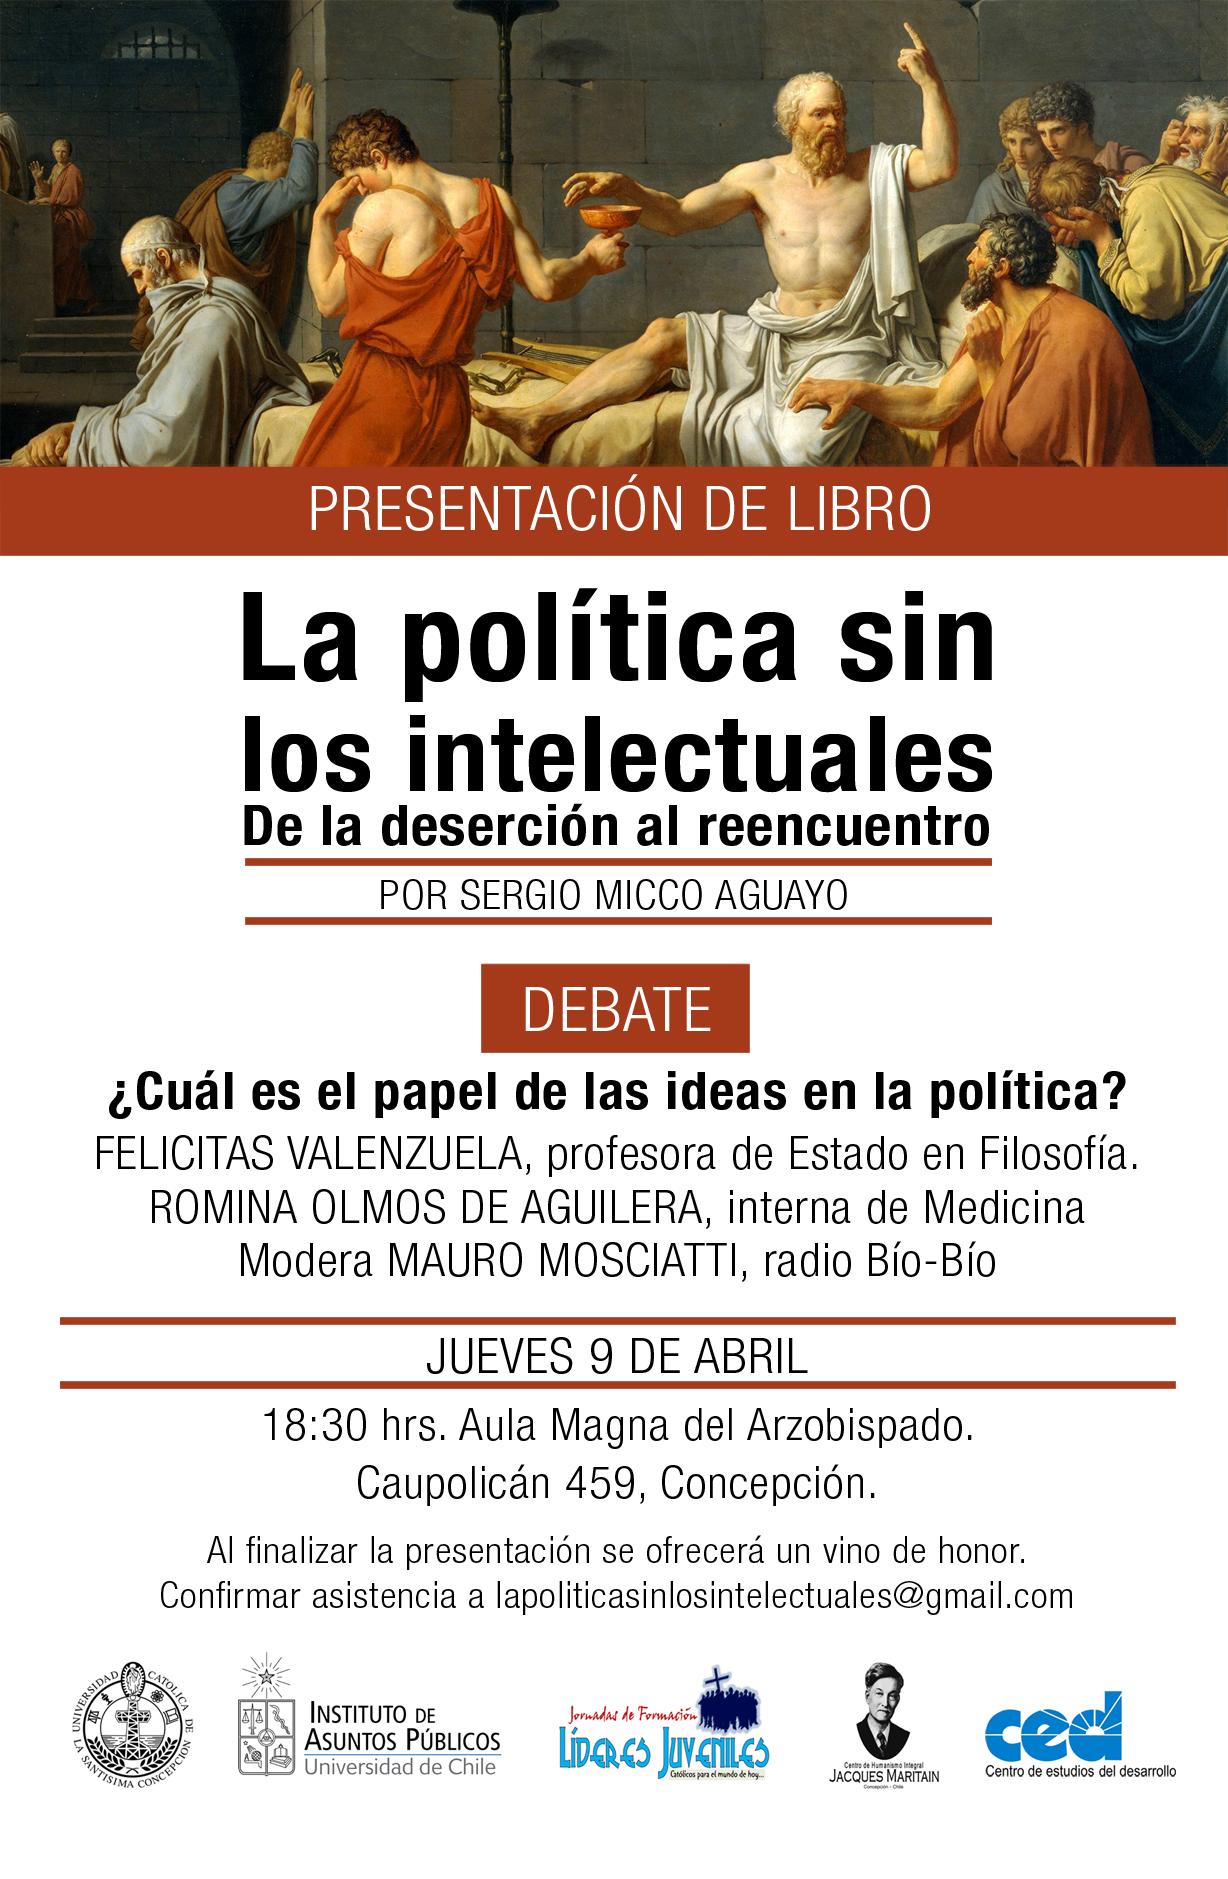 Afiche-La-politica-sin-los-intelectuales_Sergio Micco